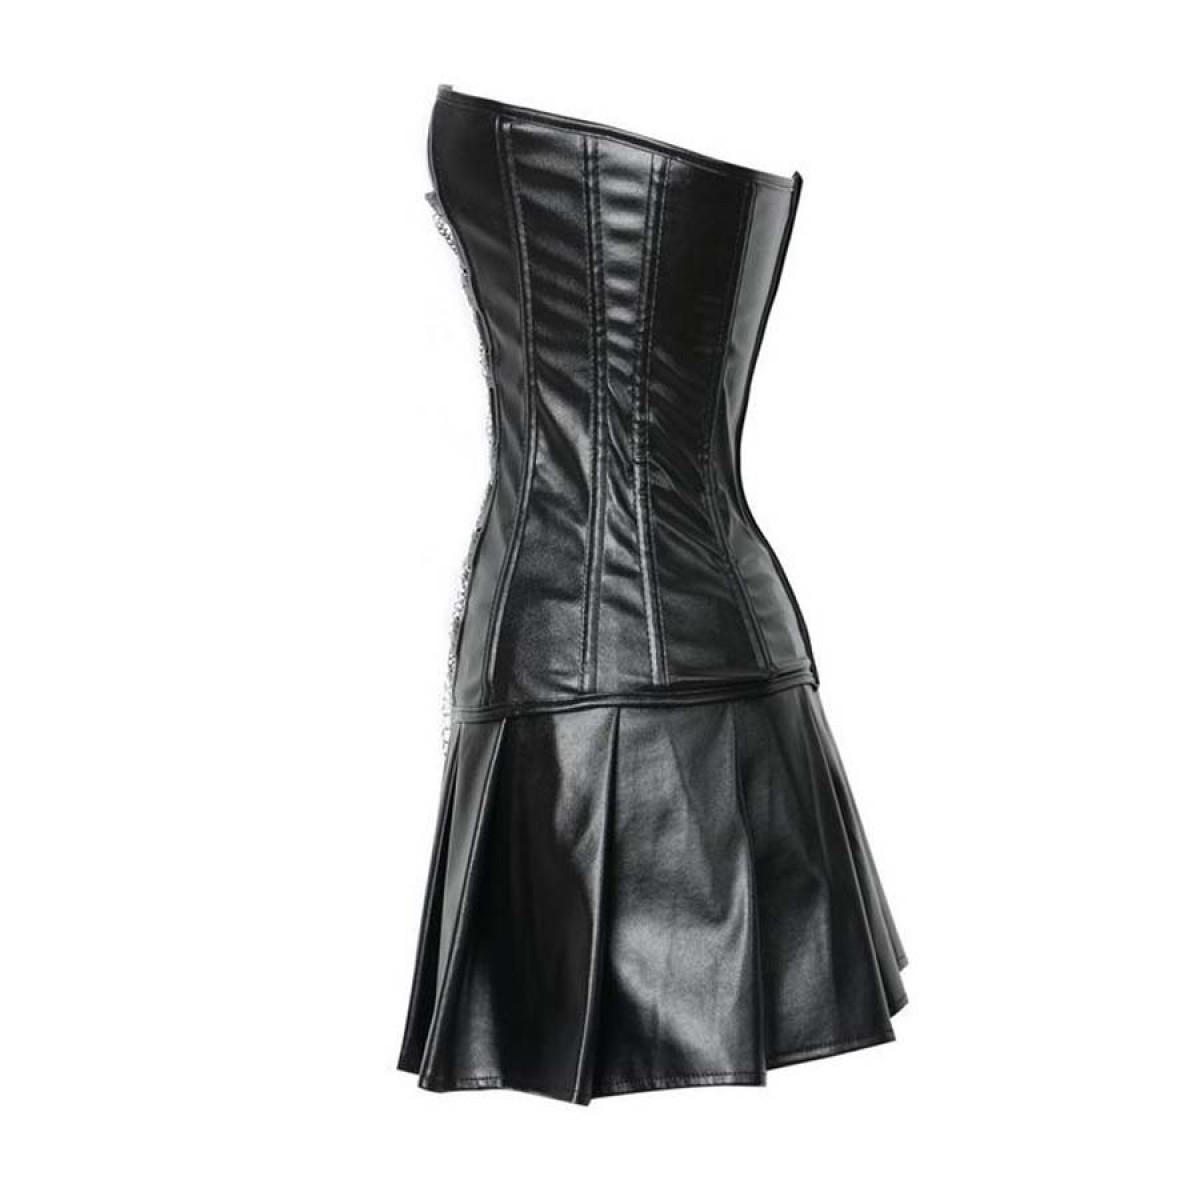 Black Corset Dress Faux Leather Zipper Chains S-2XL | LATICCI